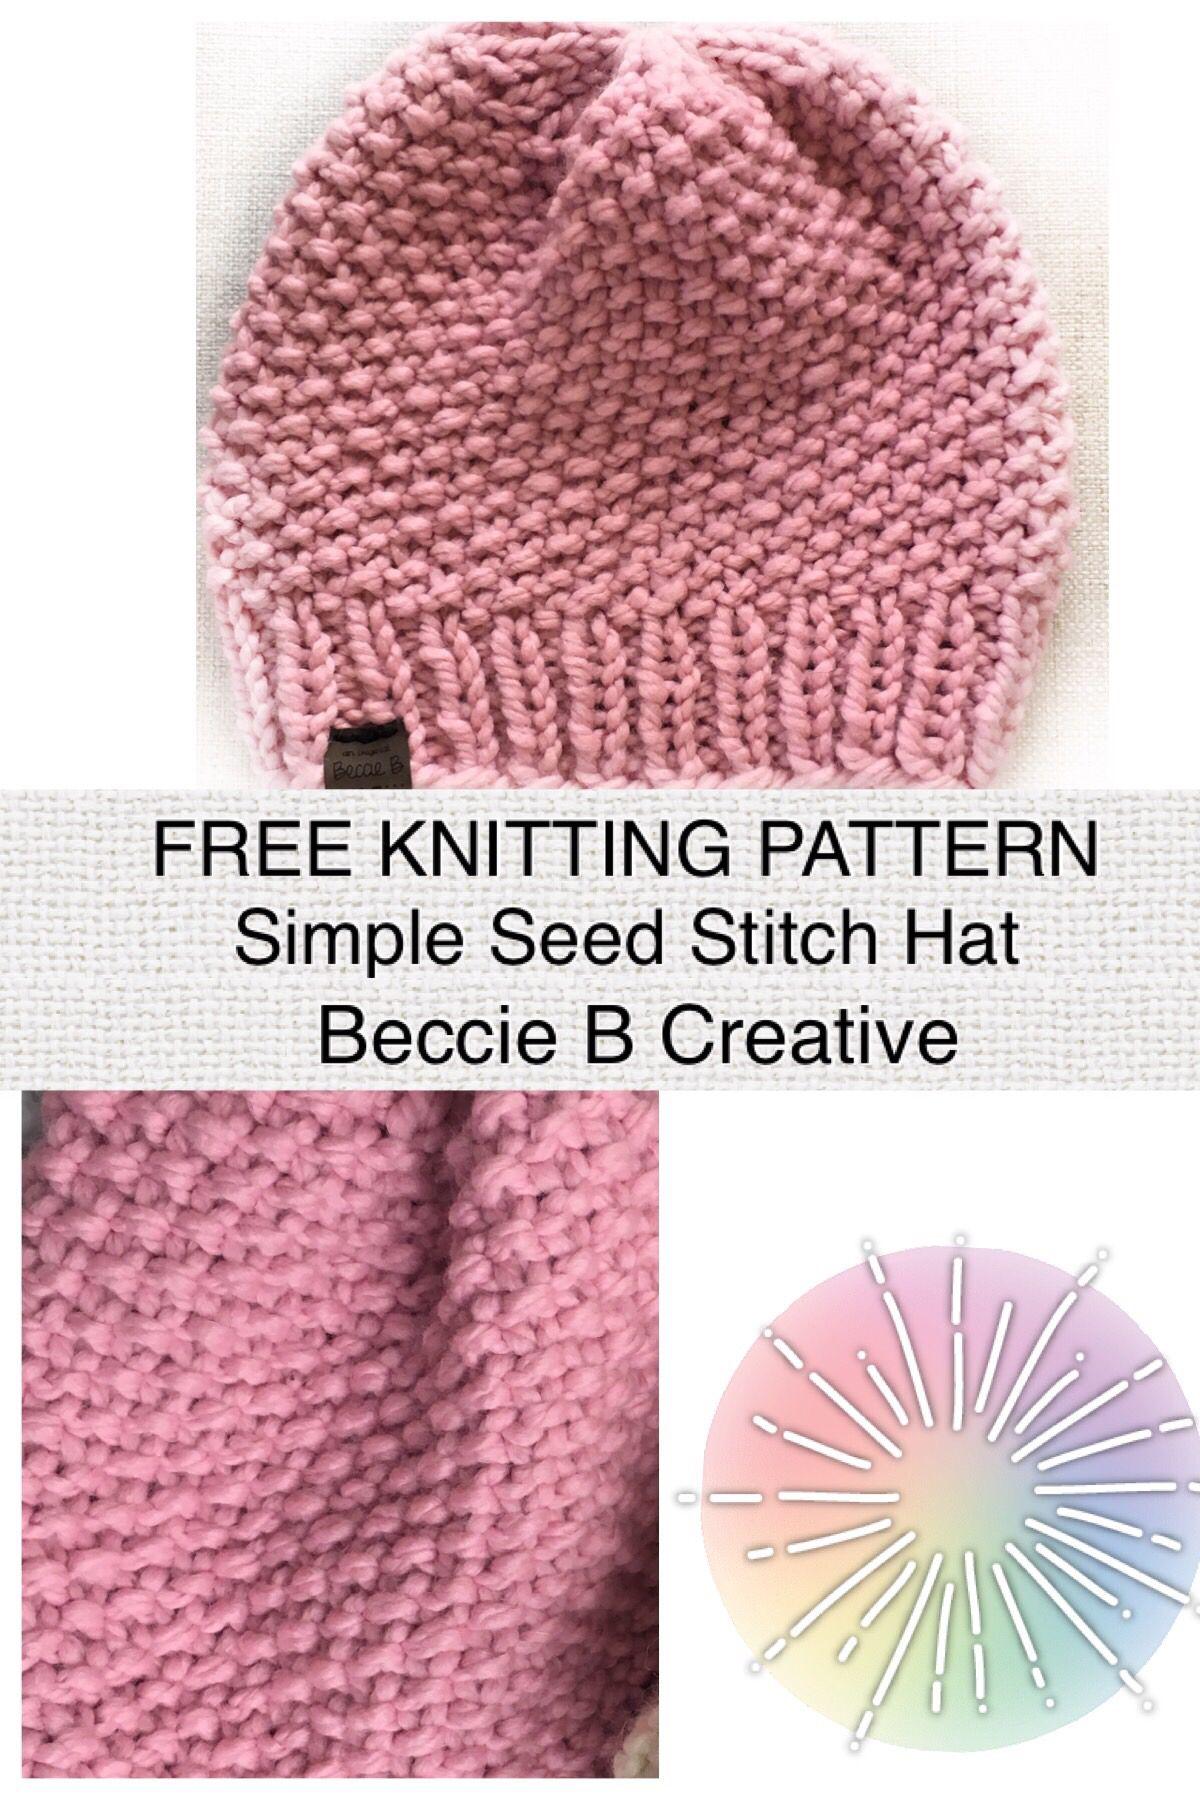 Free Knitting Pattern Simple Seed Stitch Knitting Patterns Free Hats Rabbit Knitting Pattern Seed Stitch